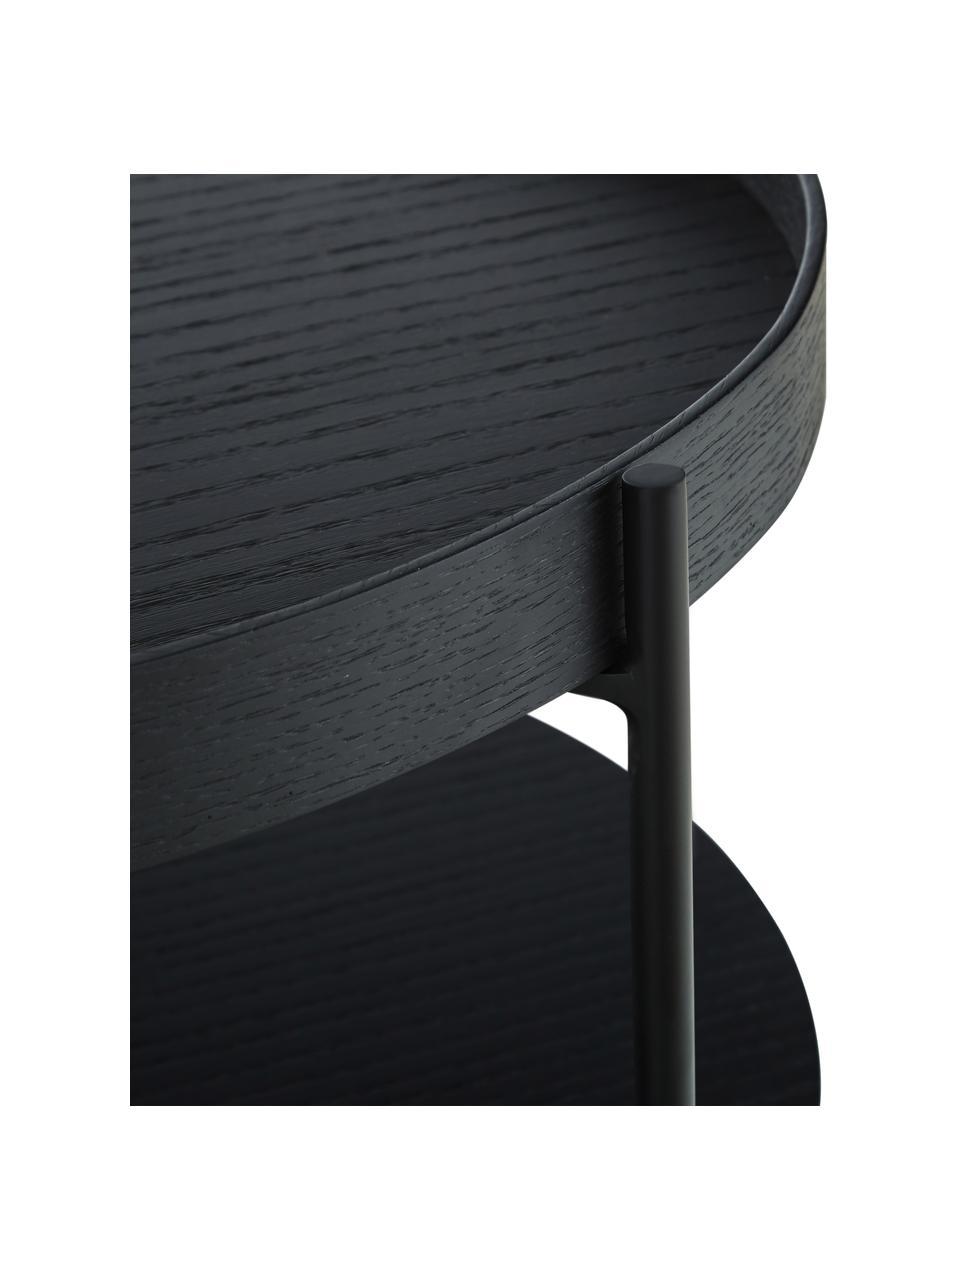 Table basse avec rangement Renee, Plateau: noir Structure: noir, mat